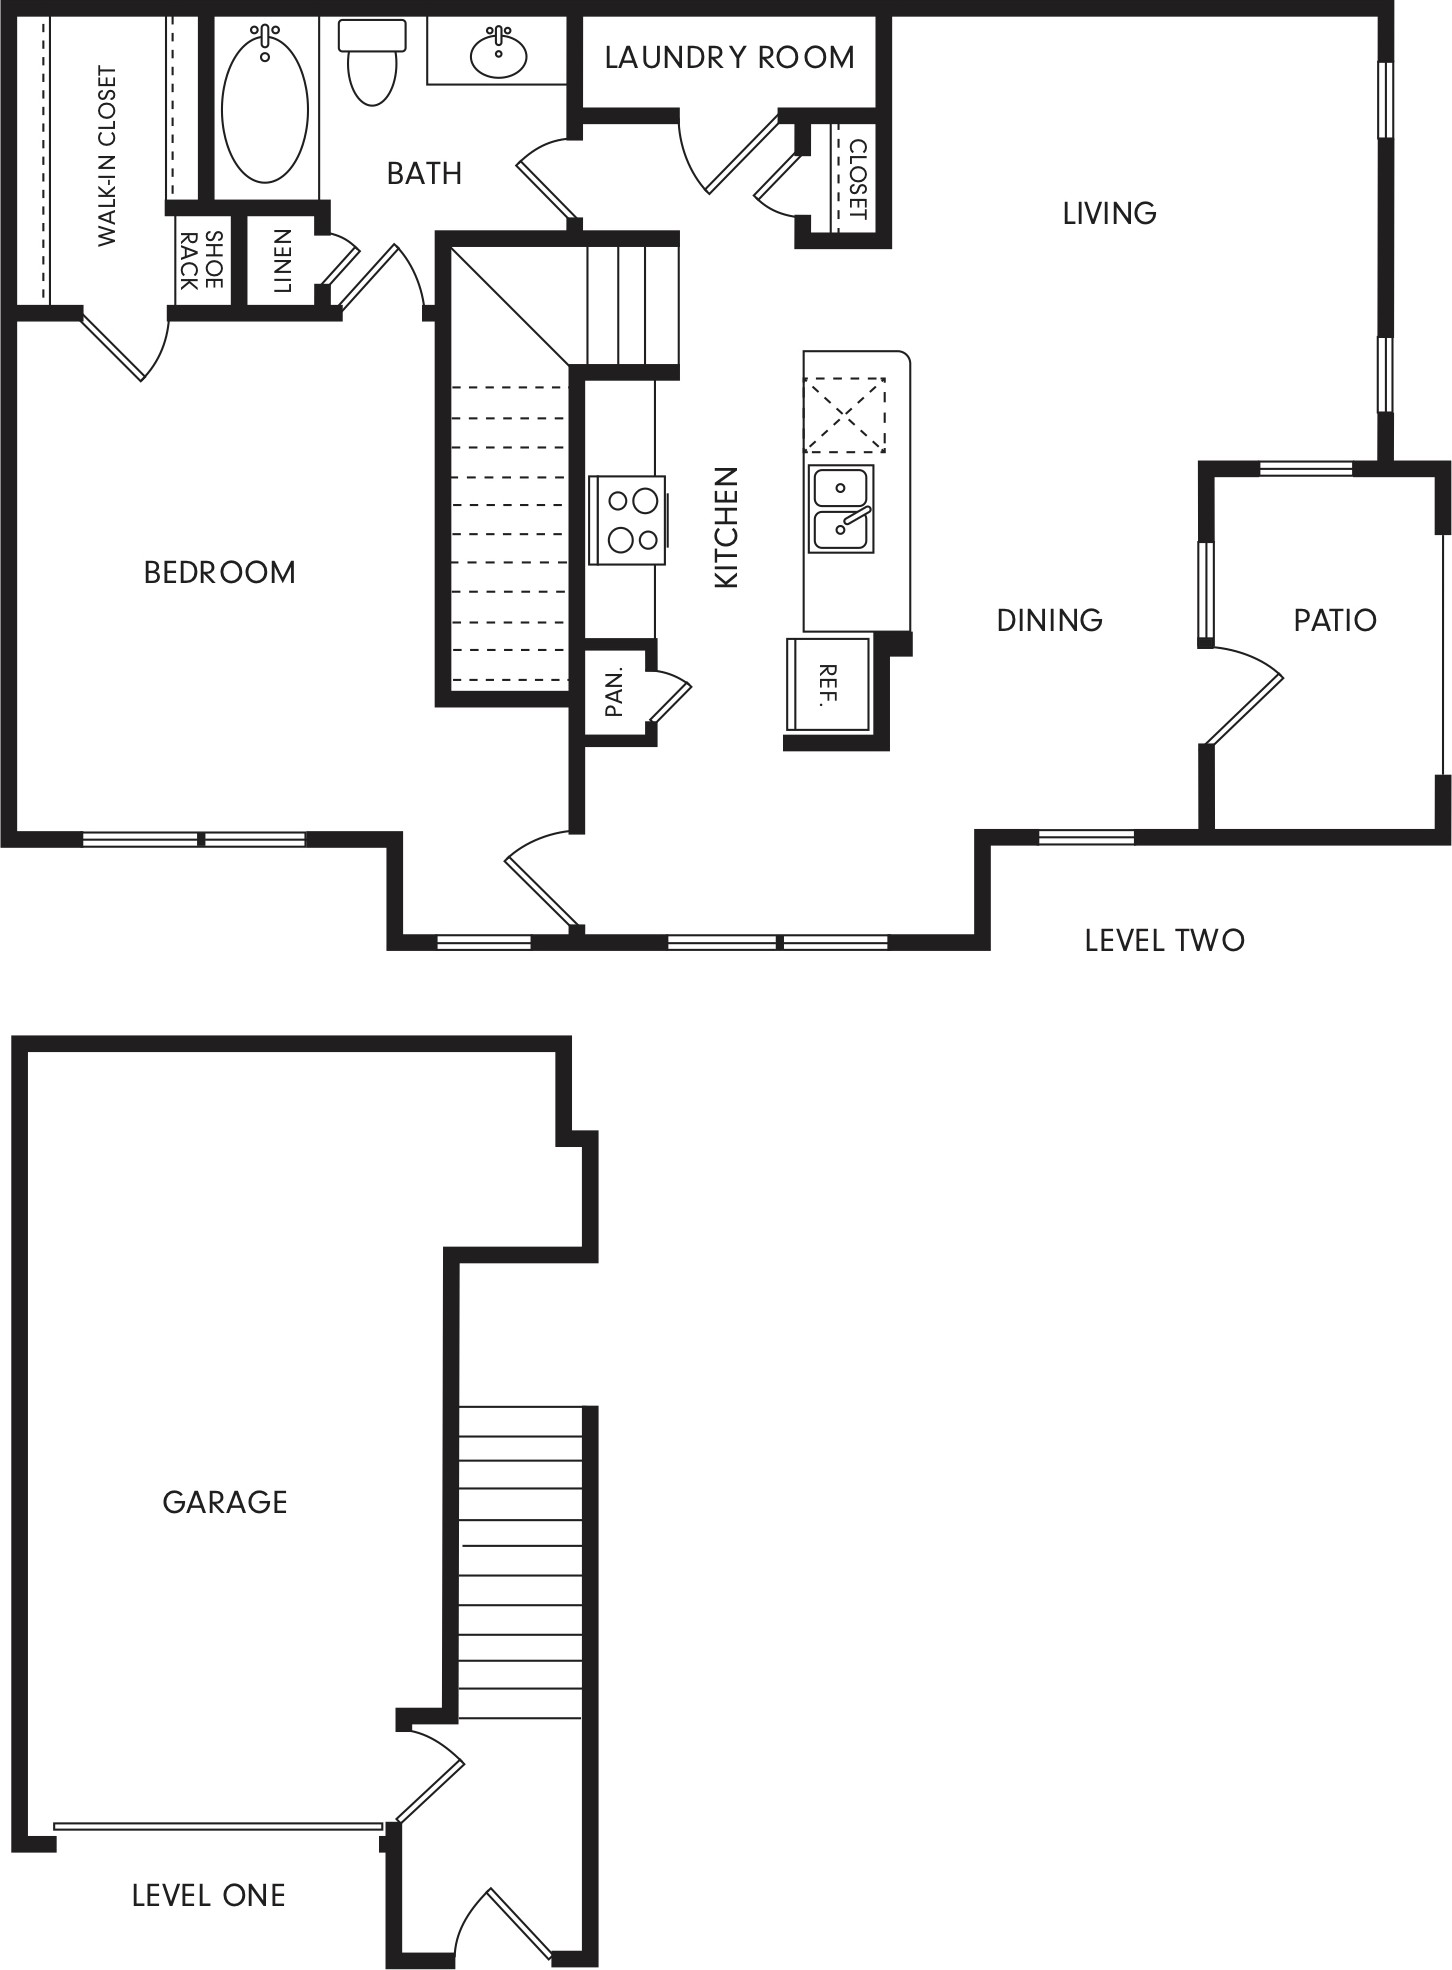 Pecos Flats Apartments